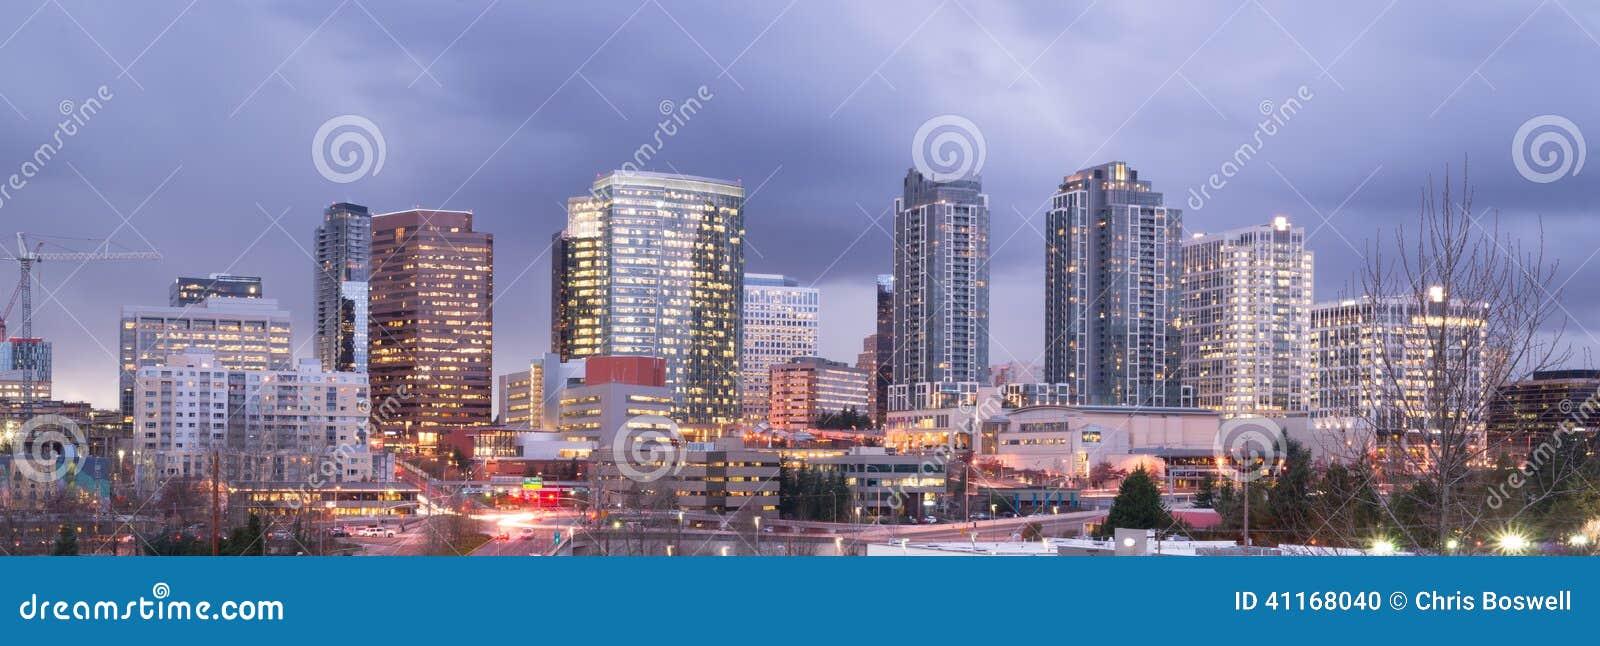 Skyline brilhante Bellevue do centro Washington EUA da cidade das luzes